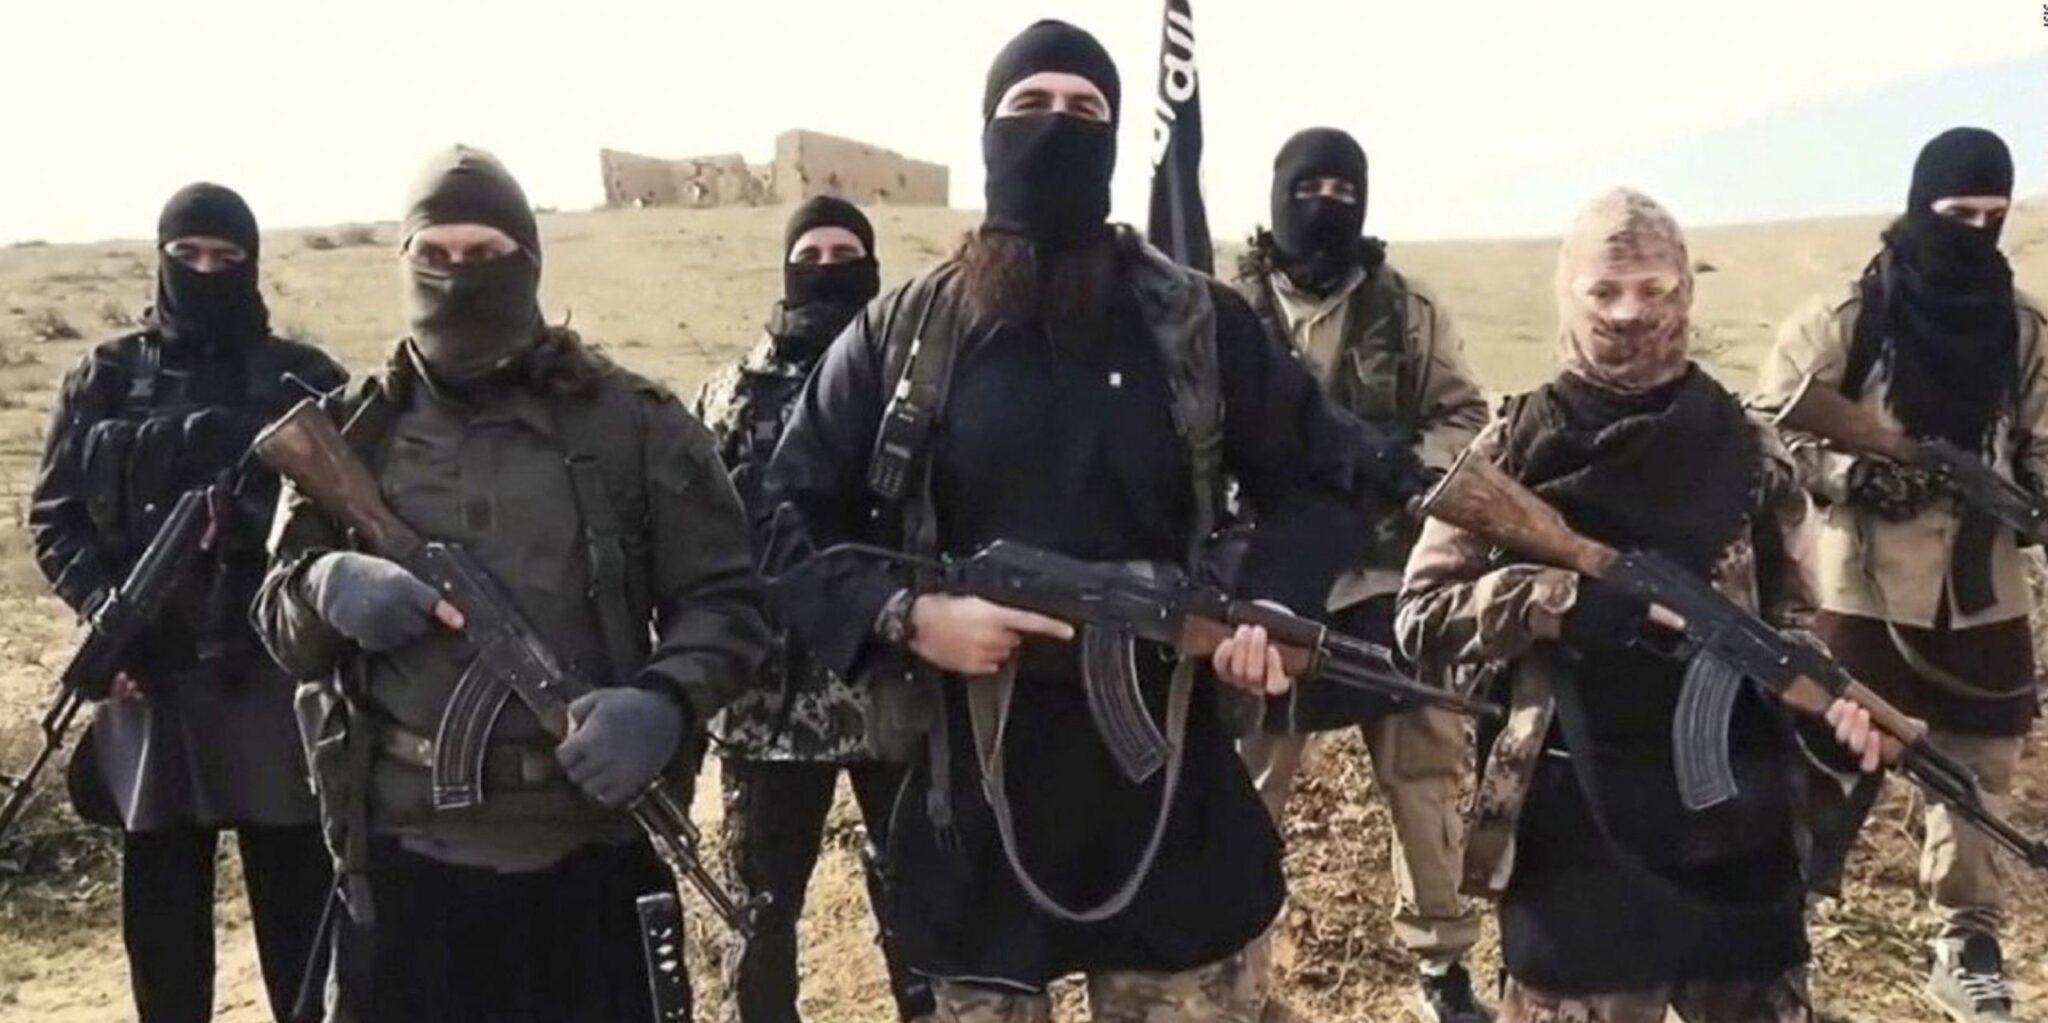 """Isis e Al Qaeda tornano a minacciare l'Europa: """"Vi puniremo ancora"""".<br> La nostra intelligence avverte: sui barconi possibili infiltrazioni di terroristi.<br> Ma il governo se ne frega: accoglie chiunque"""